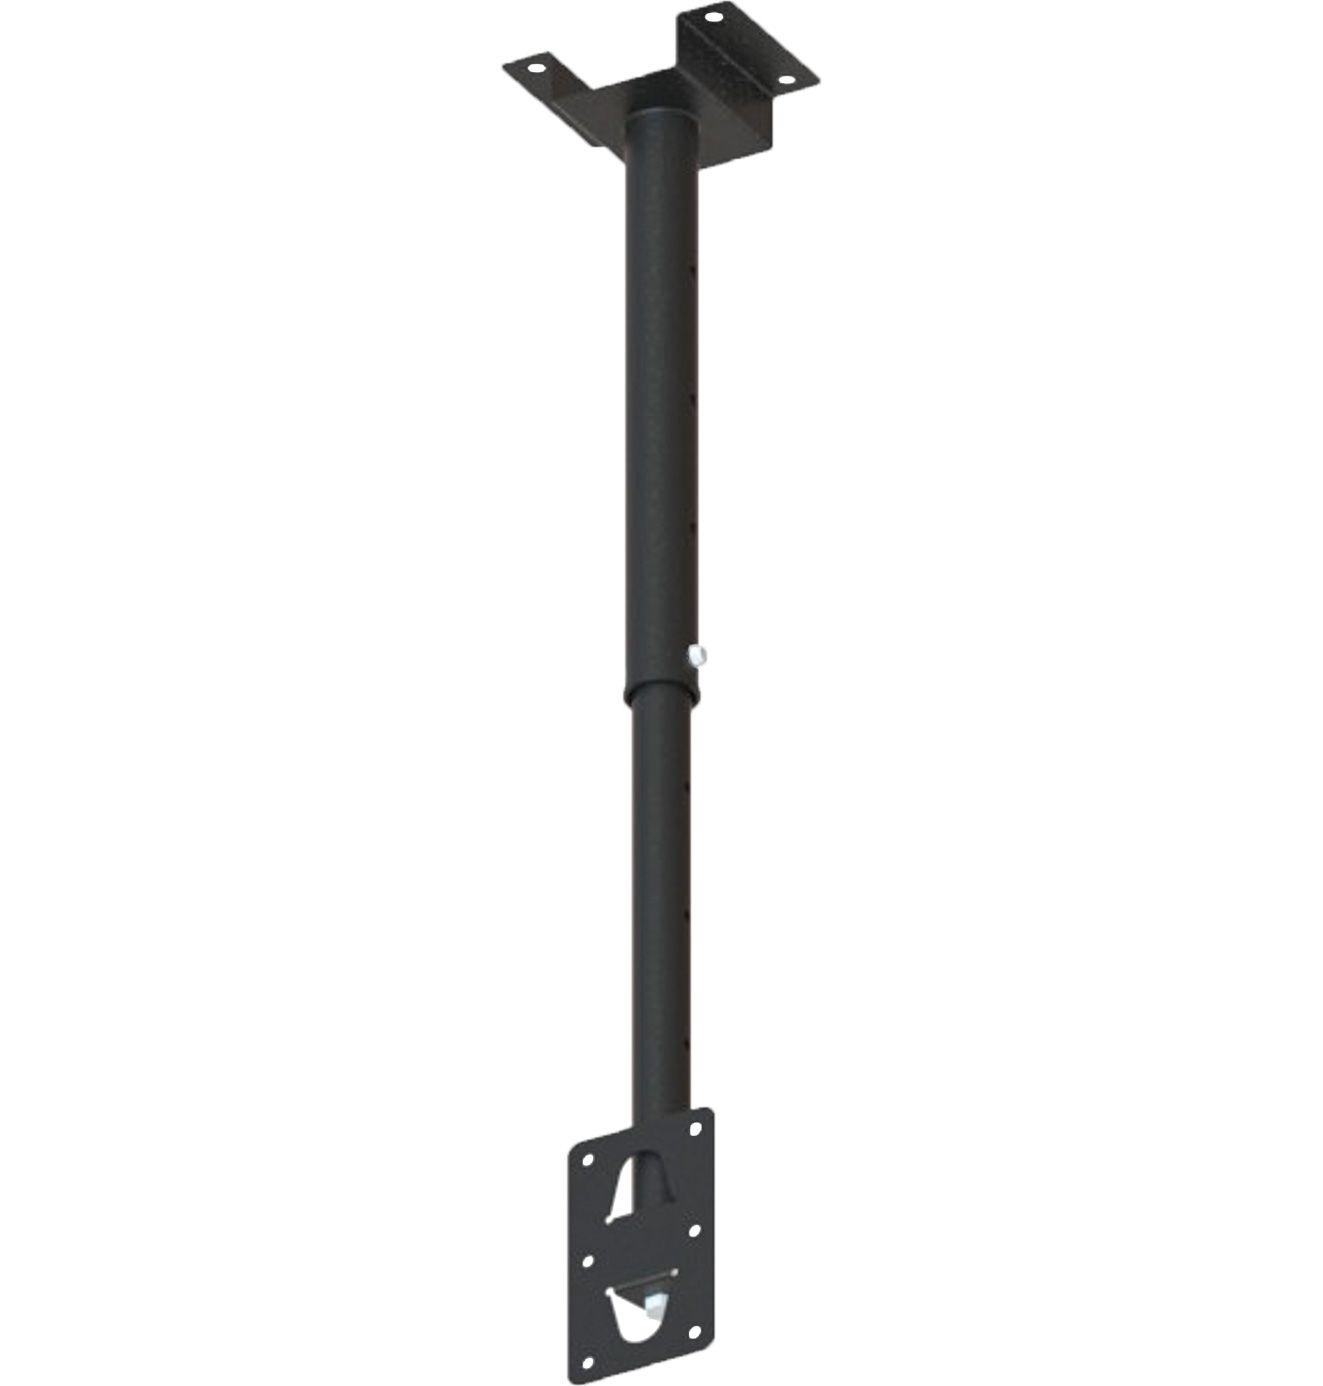 DUR-line WHTV 11 L - TV-Deckenhalter